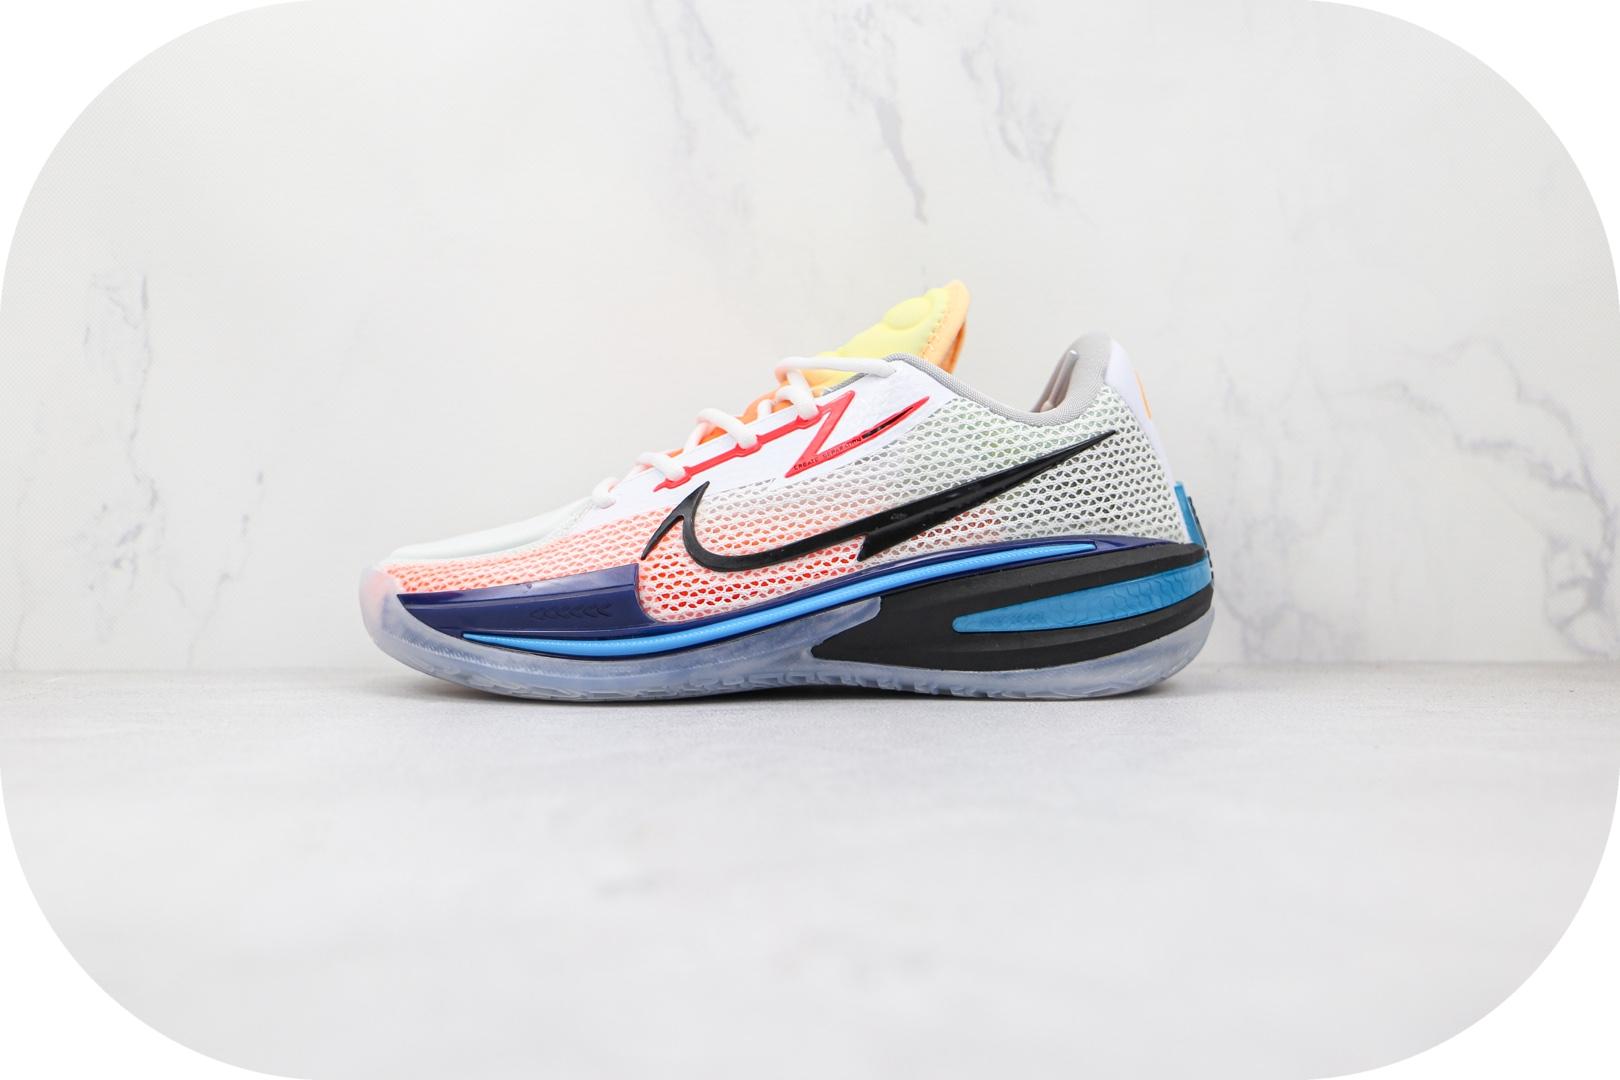 耐克Nike Zoom GT Cut纯原版本白黑红蓝色GT篮球鞋原档案数据开发 货号:CZ0175-101